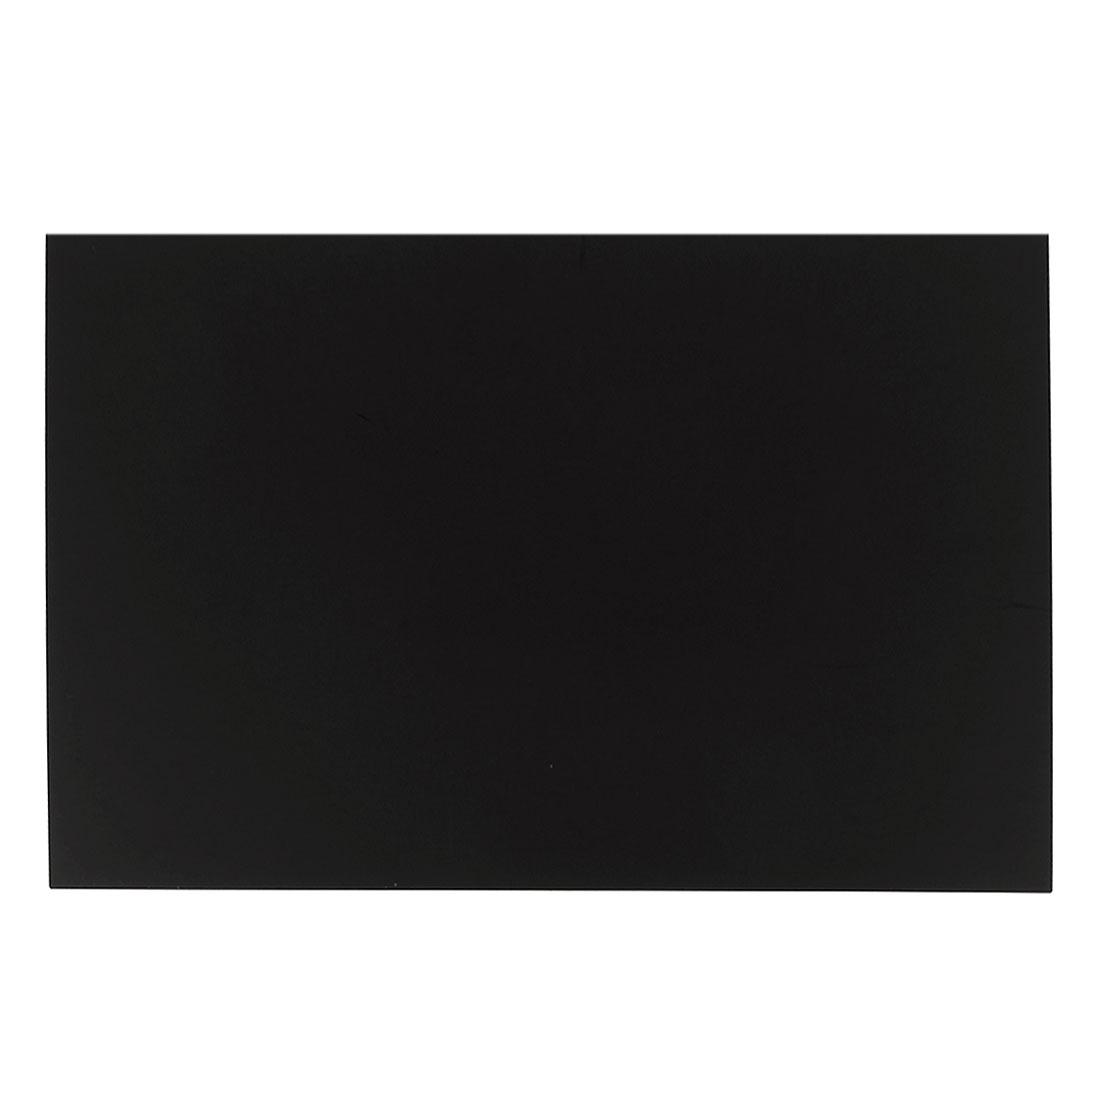 Black Plastic Acrylic Plexiglass Sheet A3 Size 297mm x 420mm x 5mm